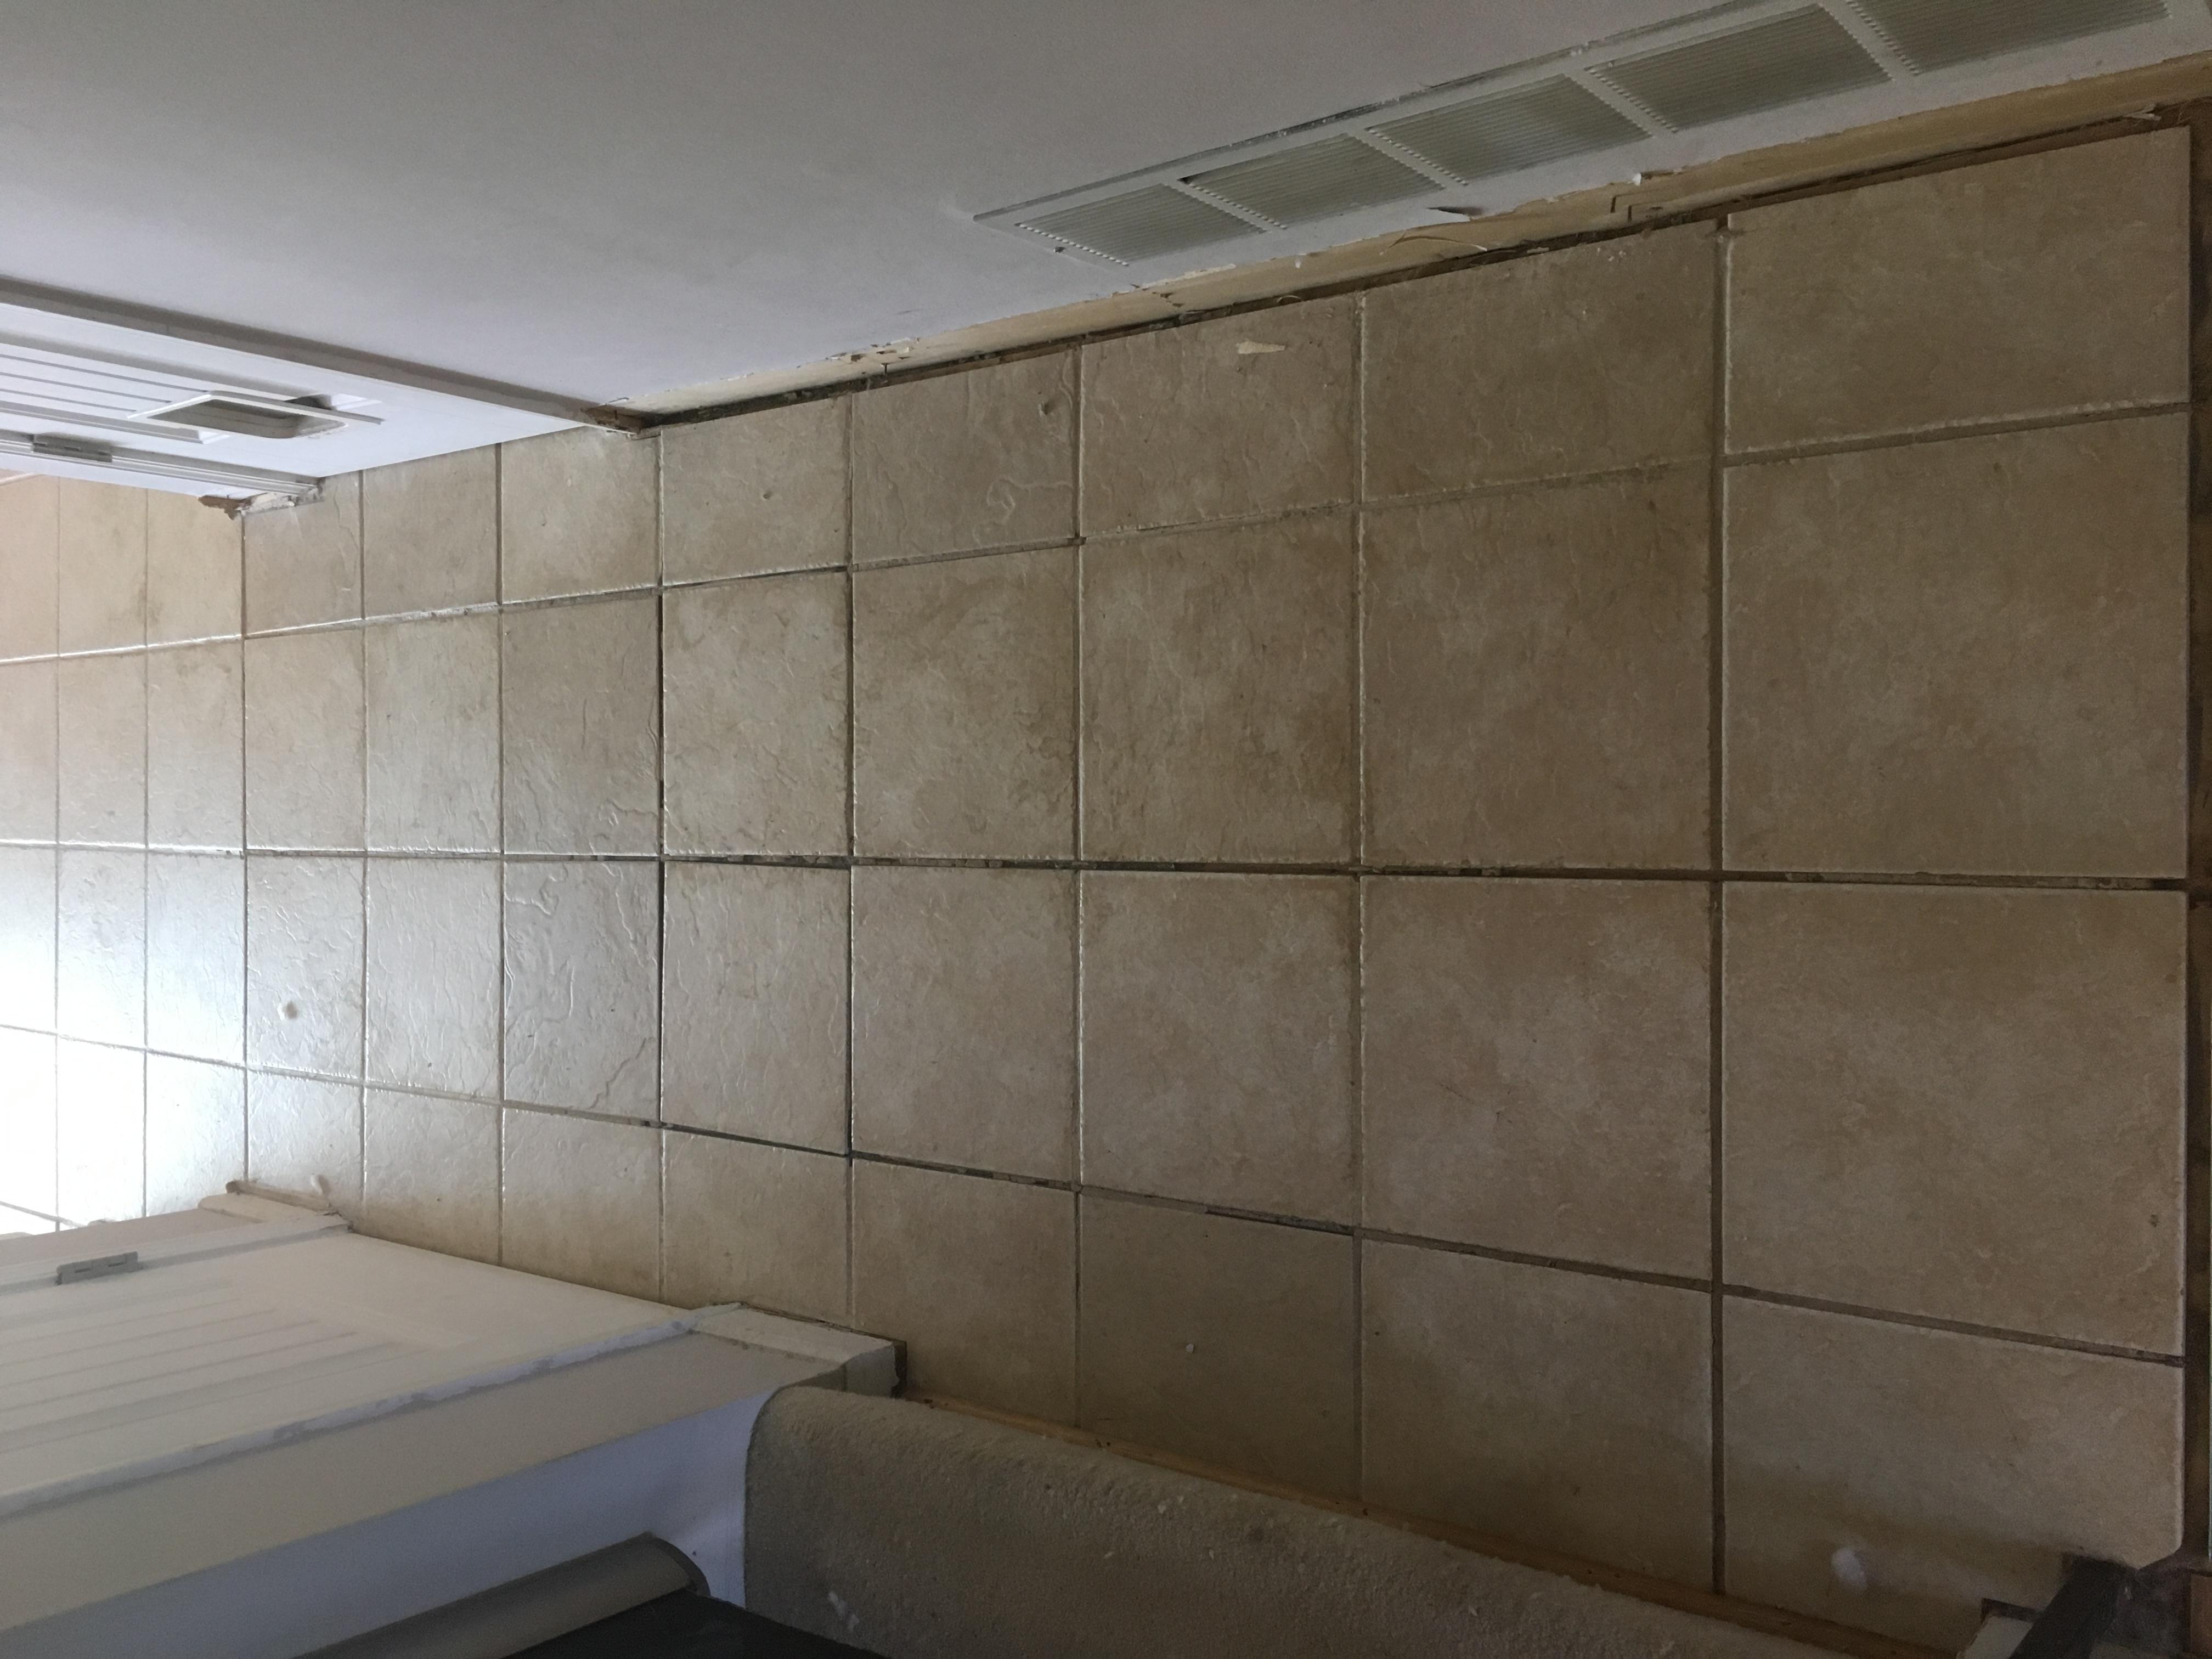 Week 2 Floor